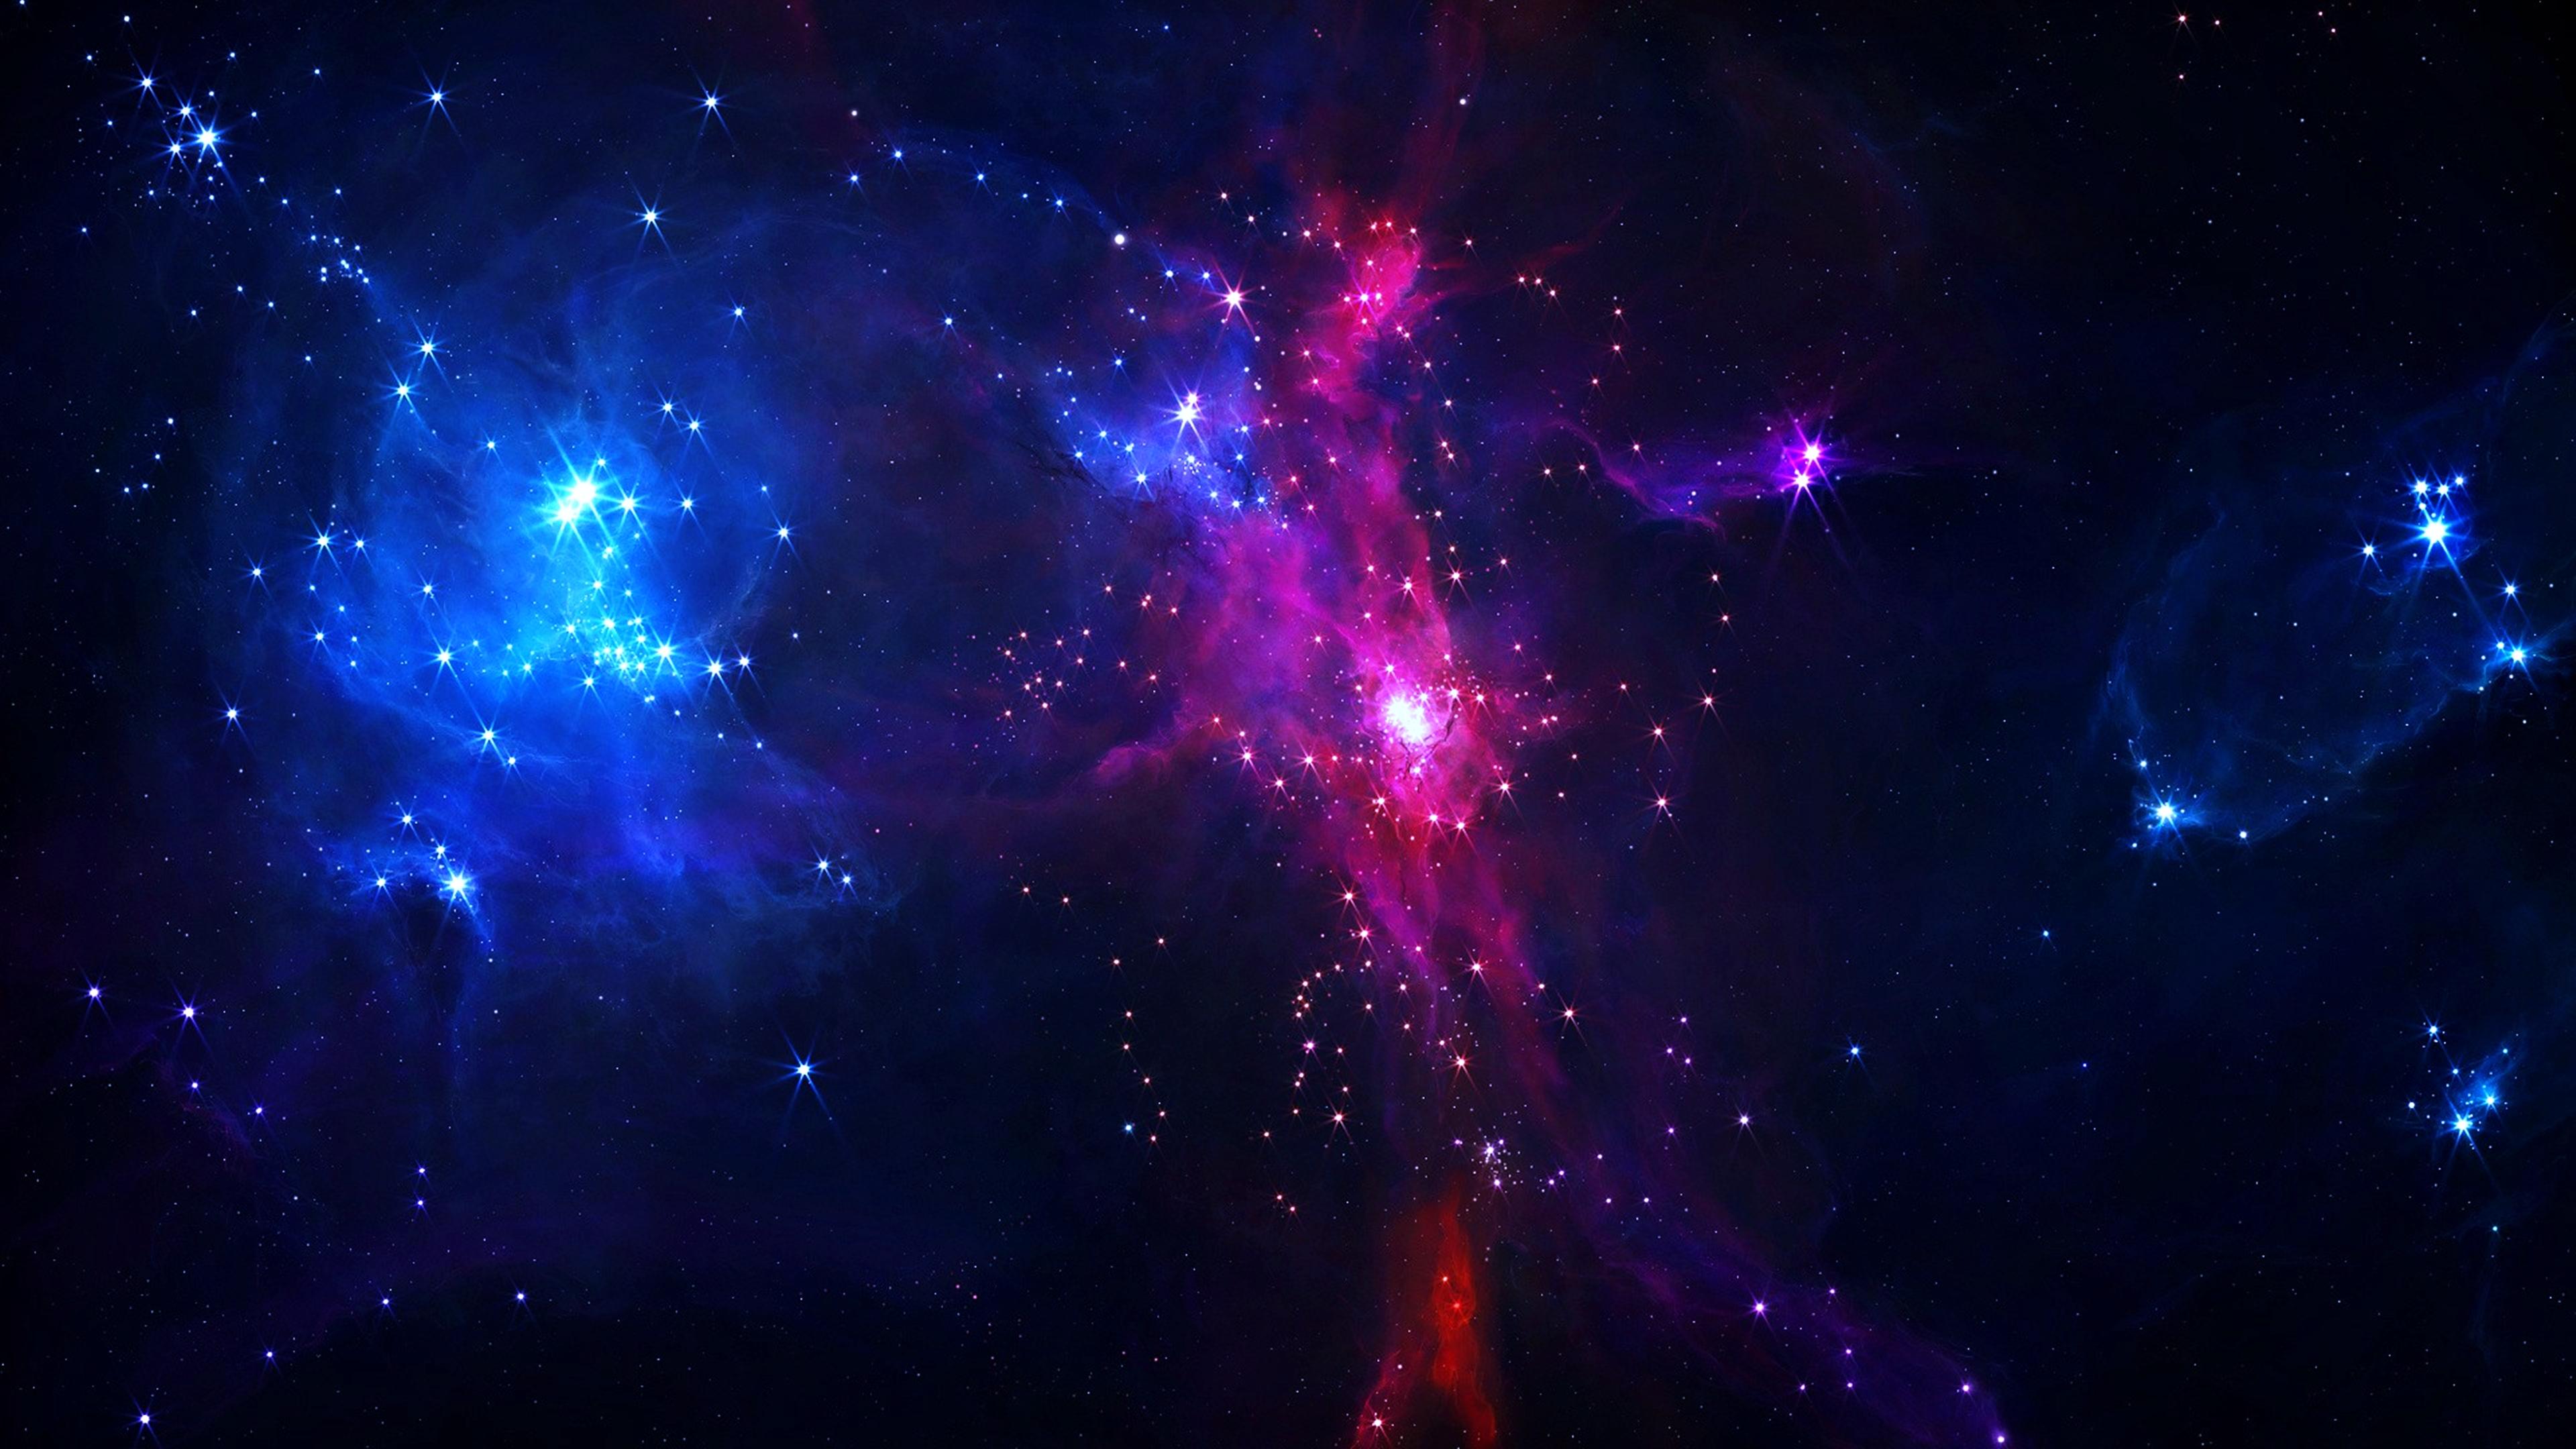 Обои галактика космос свет картинки на рабочий стол на тему Космос - скачать  № 1758661 загрузить